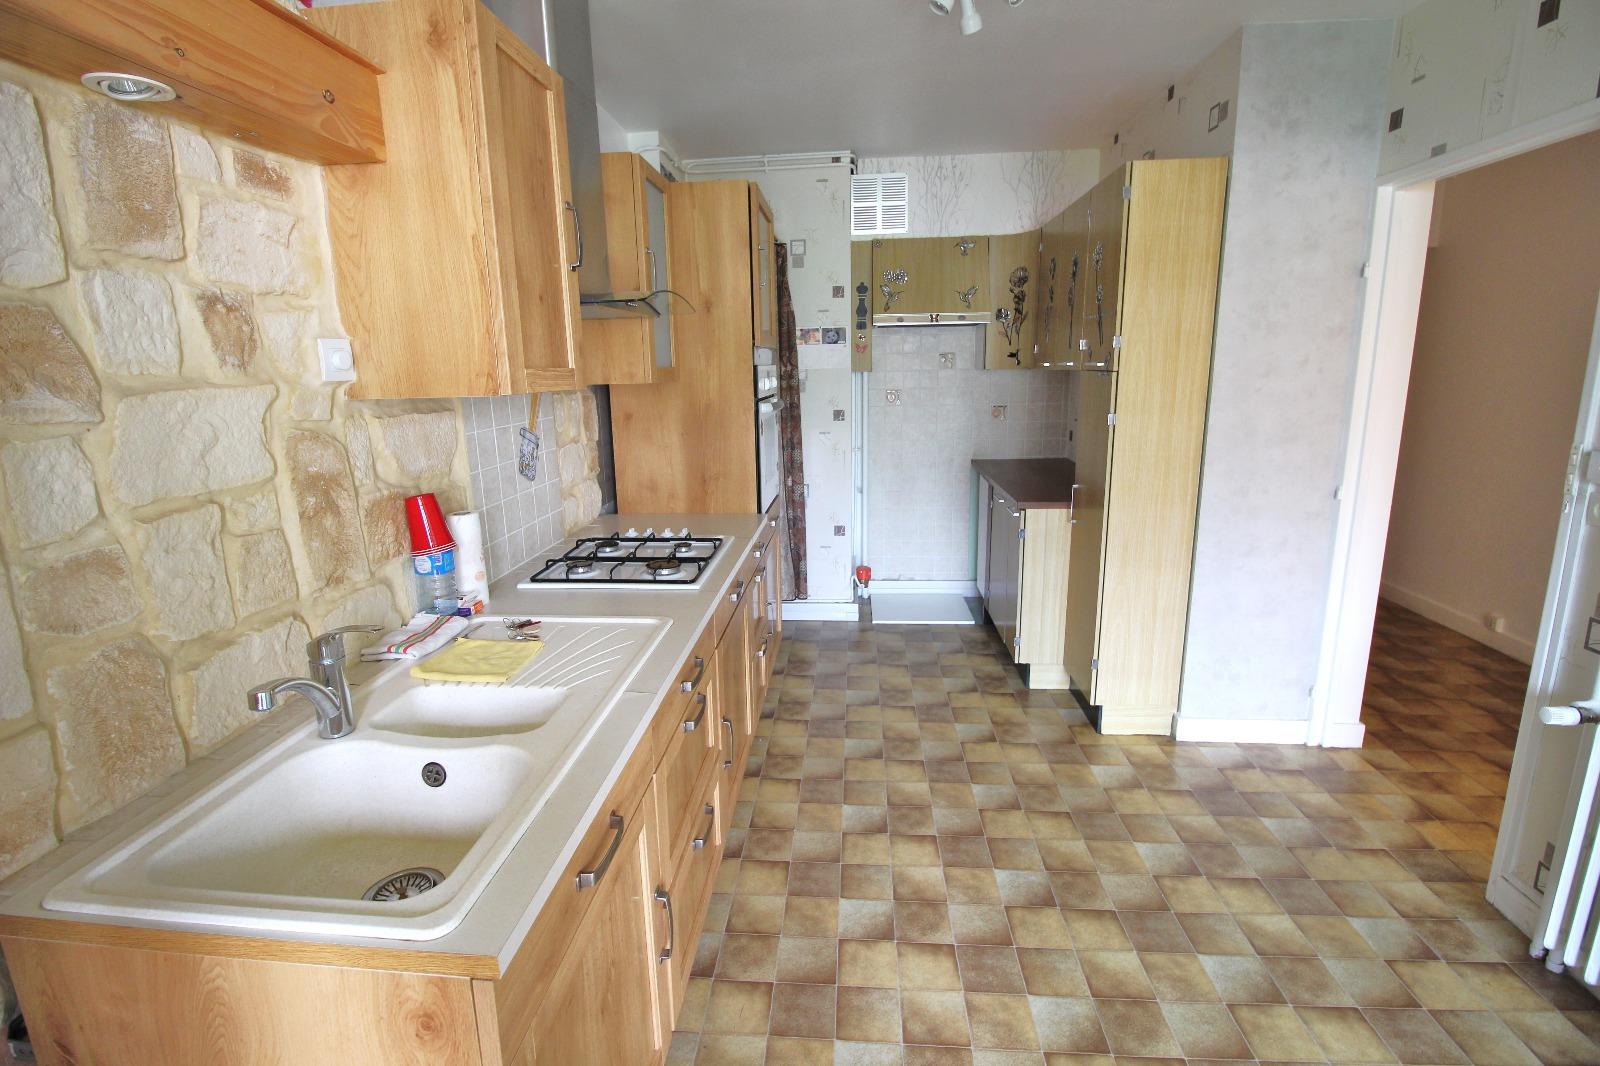 Vente lons le saunier 39 jura vends appartement 76 m for Garage solidaire lons le saunier